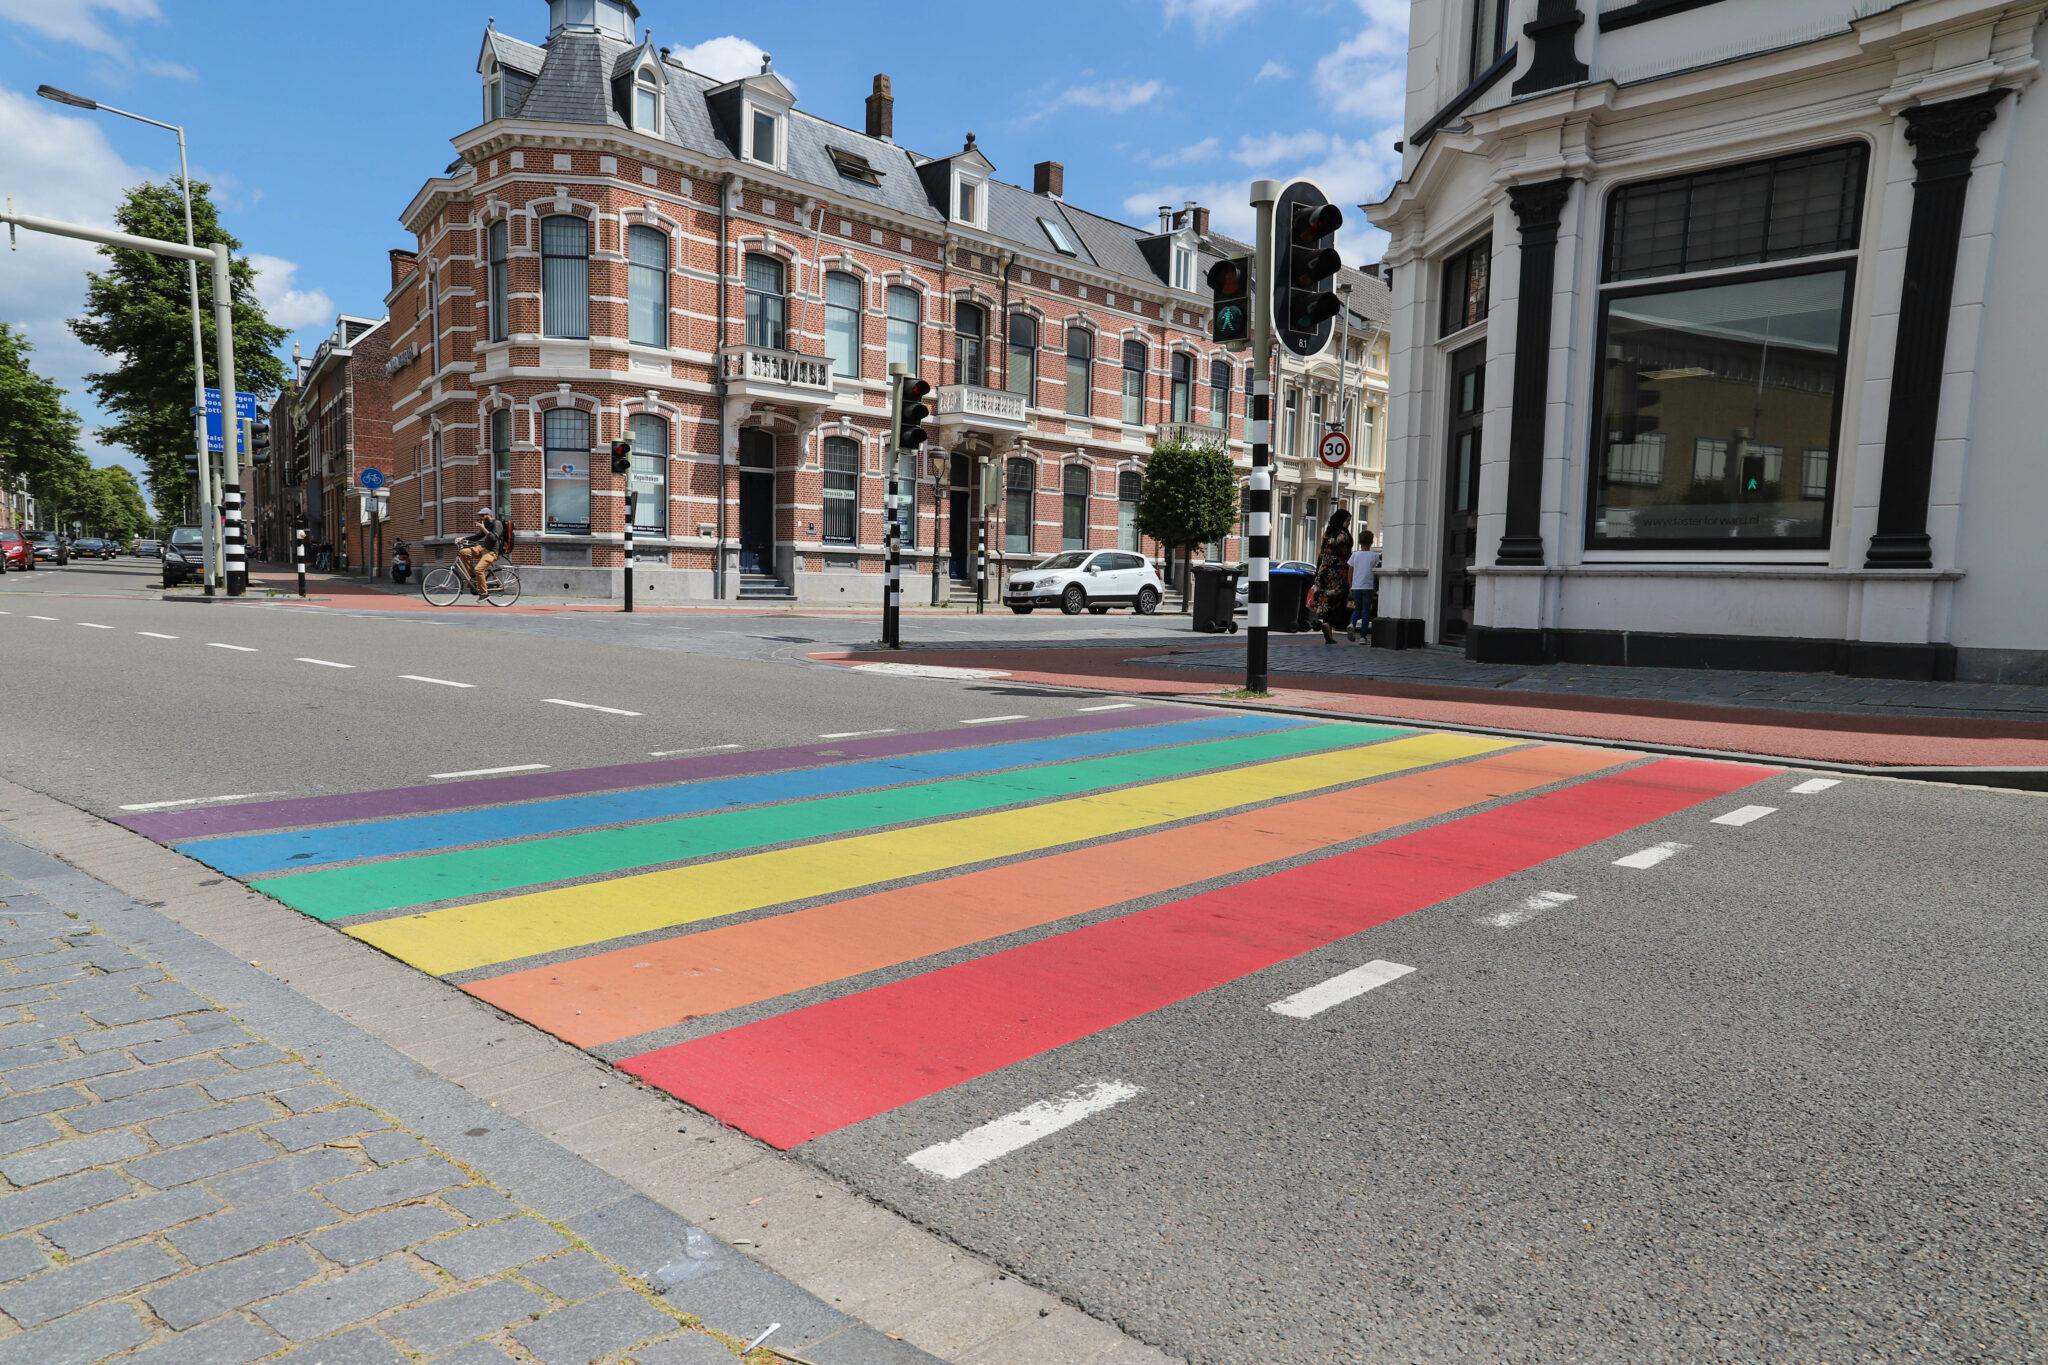 regenboogzebrapad officieel zebrapad 20-jarig jubileum: zoveel procent van de Haarlemse bruiloften is een regenbooghuwelijk bergen op zoom Coming Out Day